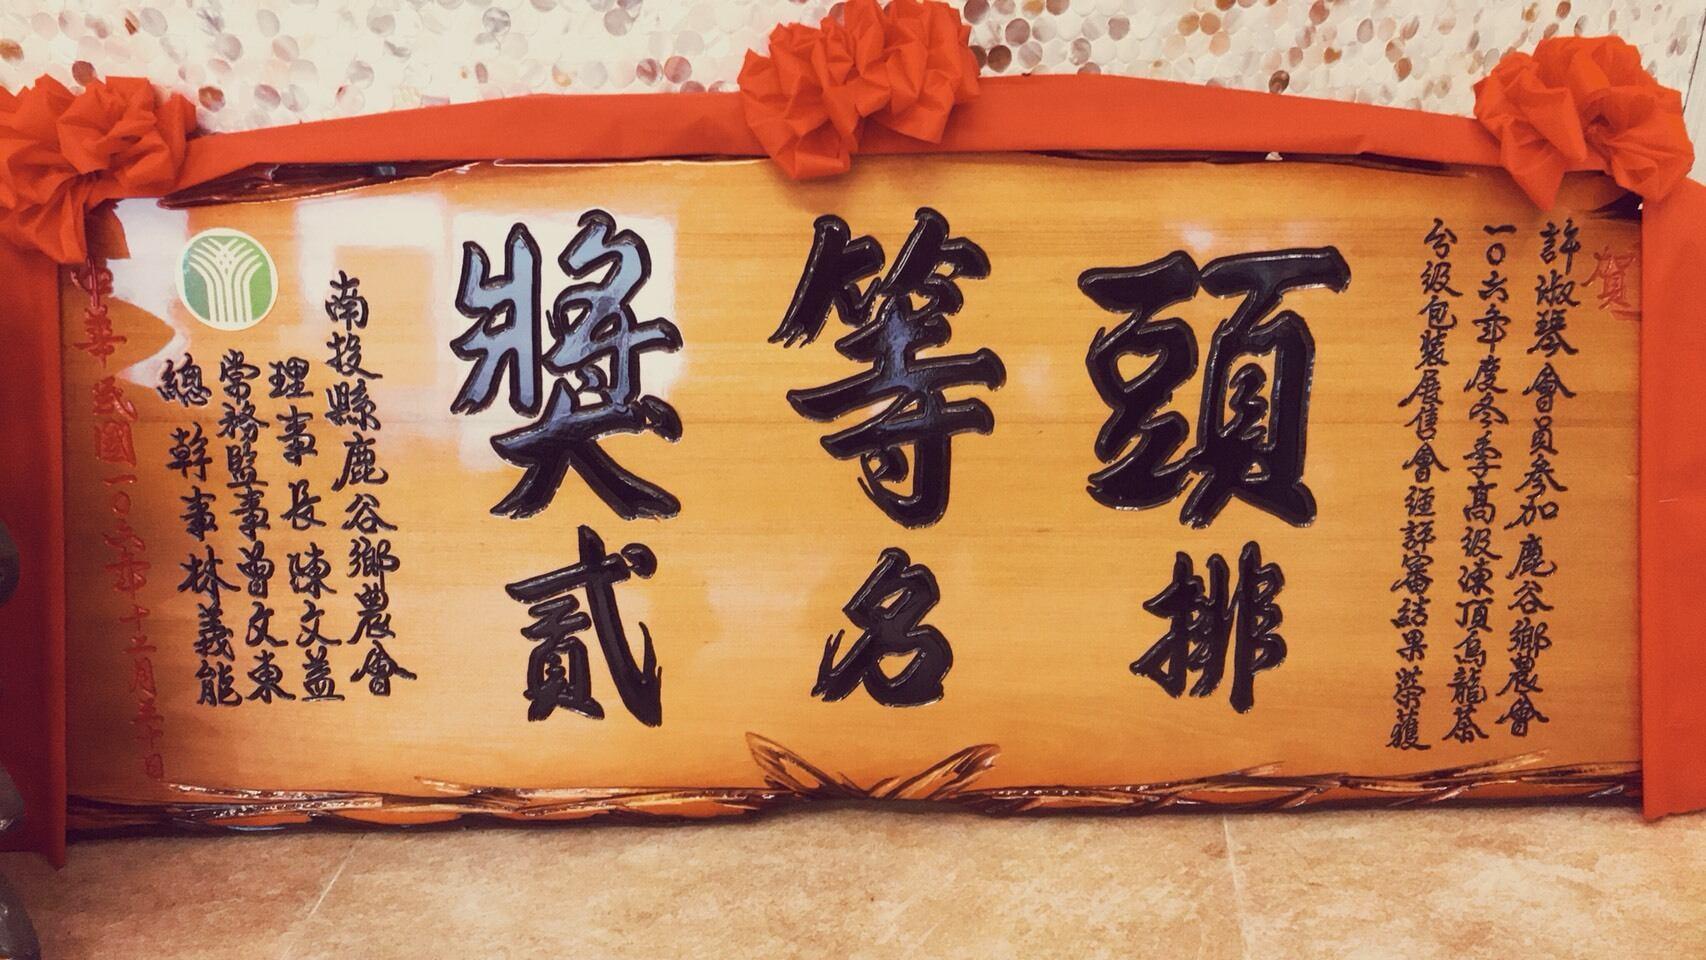 《台湾の烏龍茶コンテスト受賞》鹿谷鄕凍頂烏龍茶/茶葉・20g